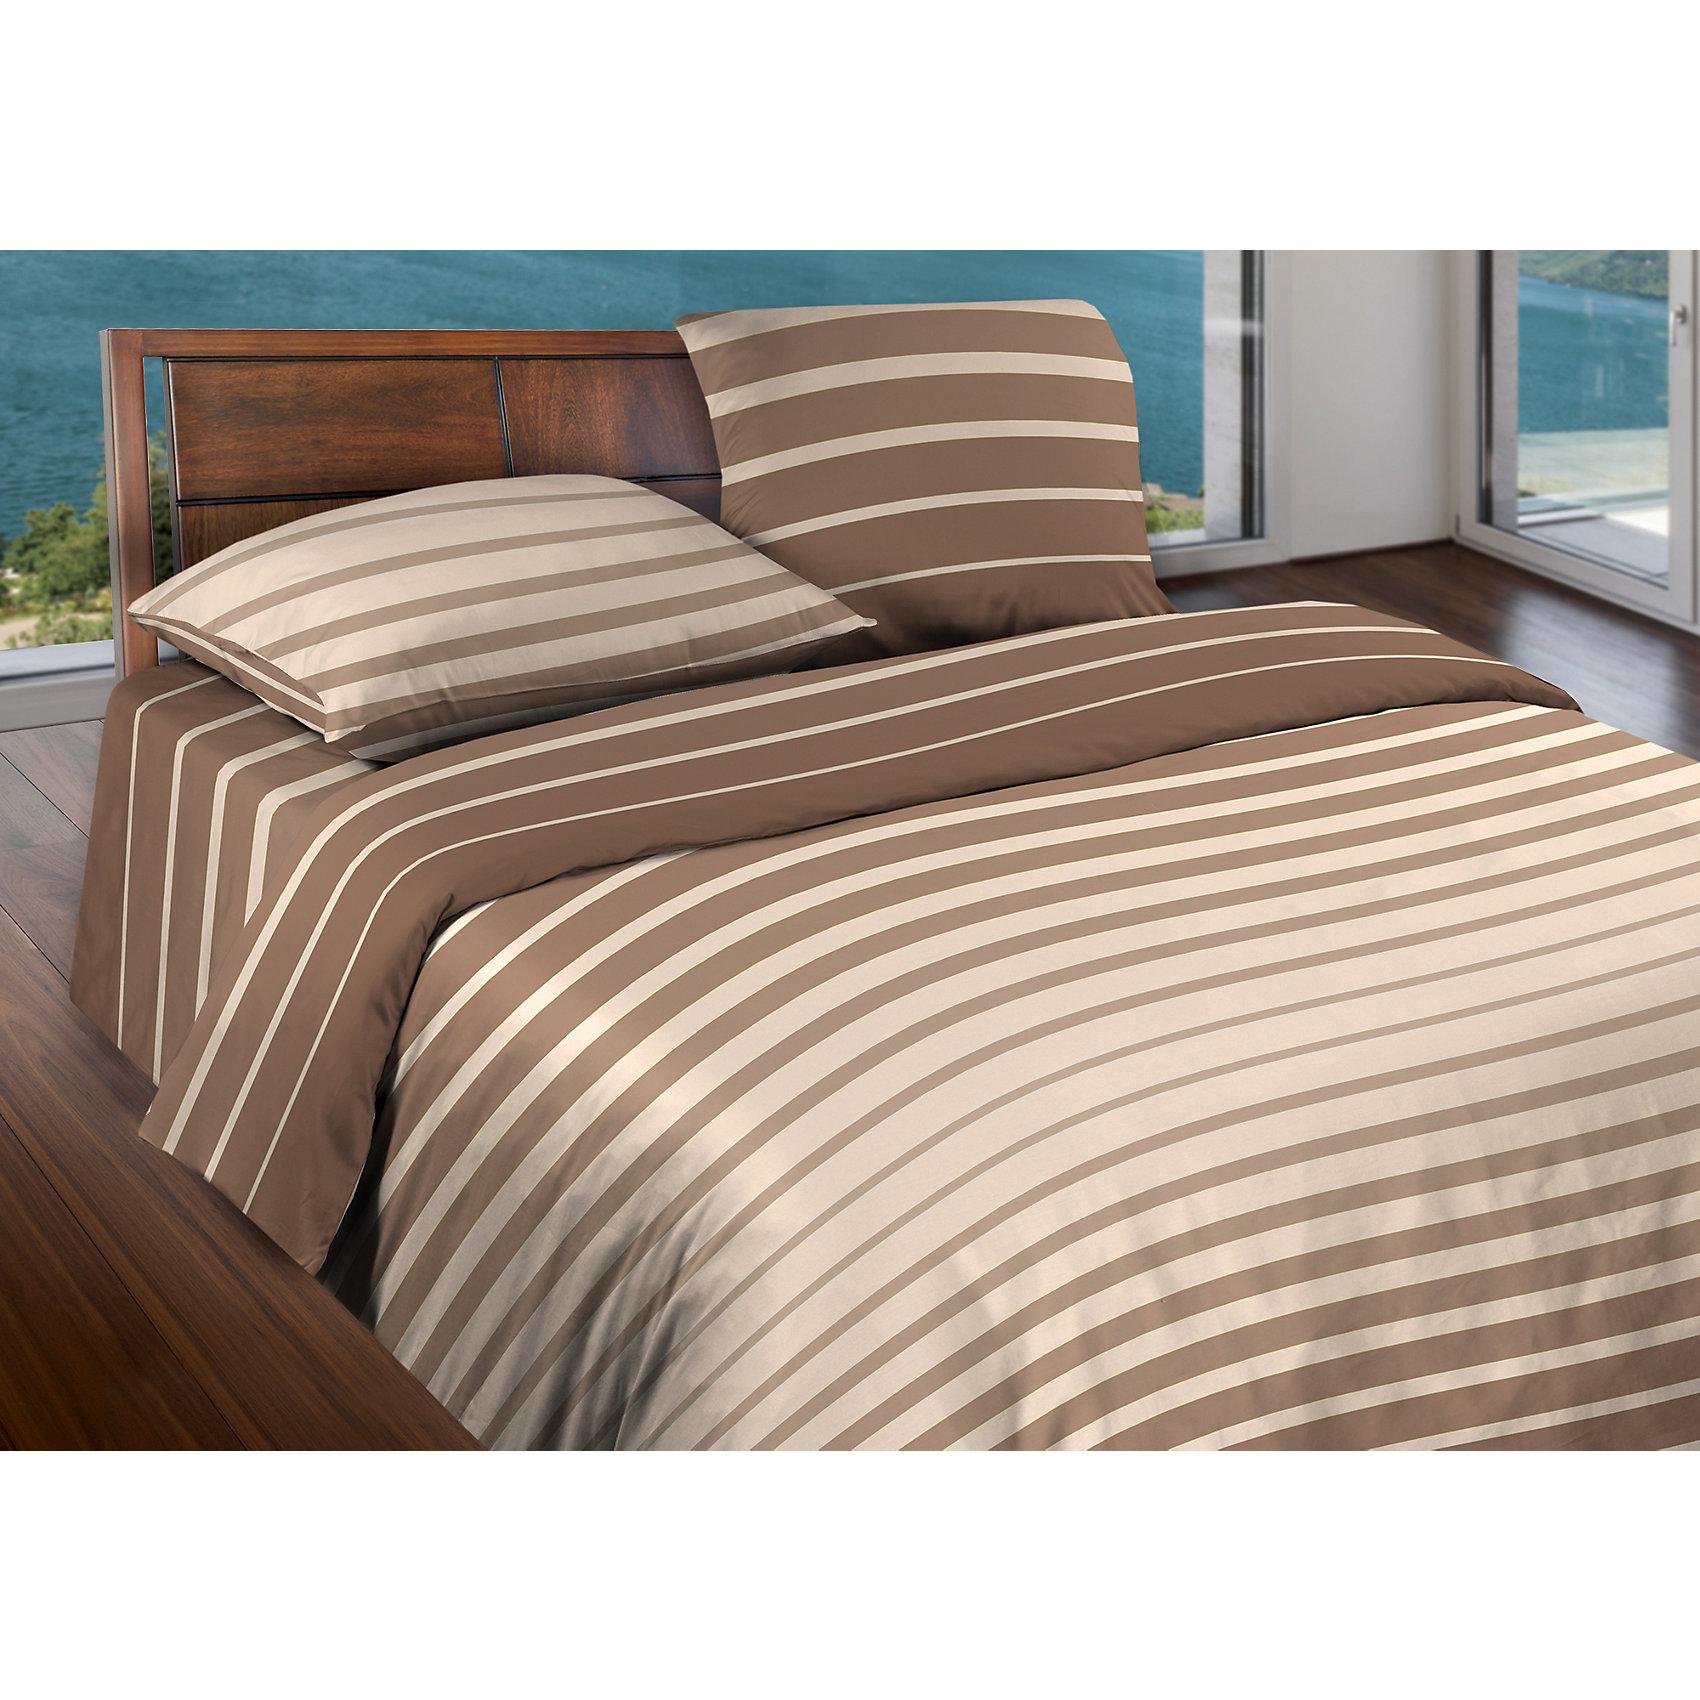 Постельное белье 2,0 Stripe Brown, БИО Комфорт, WENGE MotionДомашний текстиль<br>Постельное белье 2,0 Stripe Brown, БИО Комфорт, WENGE Motion (Венге)<br><br>Характеристики:<br><br>• мягкое и гипоаллергенное<br>• позволяет коже дышать<br>• впитывает лишнюю влагу<br>• не выцветает<br>• уникальный дизайн<br>• в комплекте: пододеяльник, простынь, наволочка (2 шт.)<br>• размер пододеяльника: 215х175 см<br>• размер простыни: 220х240 см<br>• размер наволочки: 70х70 см<br>• тип печати: реактивная<br>• материал: хлопок<br>• вес: 1800 грамм<br><br>Постельное белье Stripe Brown отличается стильным дизайном и хорошей износостойкостью. Комплект выполнен из материала БИО комфорт. Гладкая поверхность материала позволяет сохранить качество печати  рисунка. Белье из Био комфорта известно высокой гигроскопичностью и воздухопроницаемостью. Таким образом, вы можете быть уверены в своем комфорте во время отдыха. Белье не выцветает, сохраняет размер и форму даже после стирок. Комплект оформлен красивым принтом в коричневую полоску.<br><br>Постельное белье 2,0 Stripe Brown, БИО Комфорт, WENGE Motion (Венге) вы можете купить в нашем интернет-магазине.<br><br>Ширина мм: 500<br>Глубина мм: 250<br>Высота мм: 500<br>Вес г: 1800<br>Возраст от месяцев: 216<br>Возраст до месяцев: 1188<br>Пол: Унисекс<br>Возраст: Детский<br>SKU: 5569260